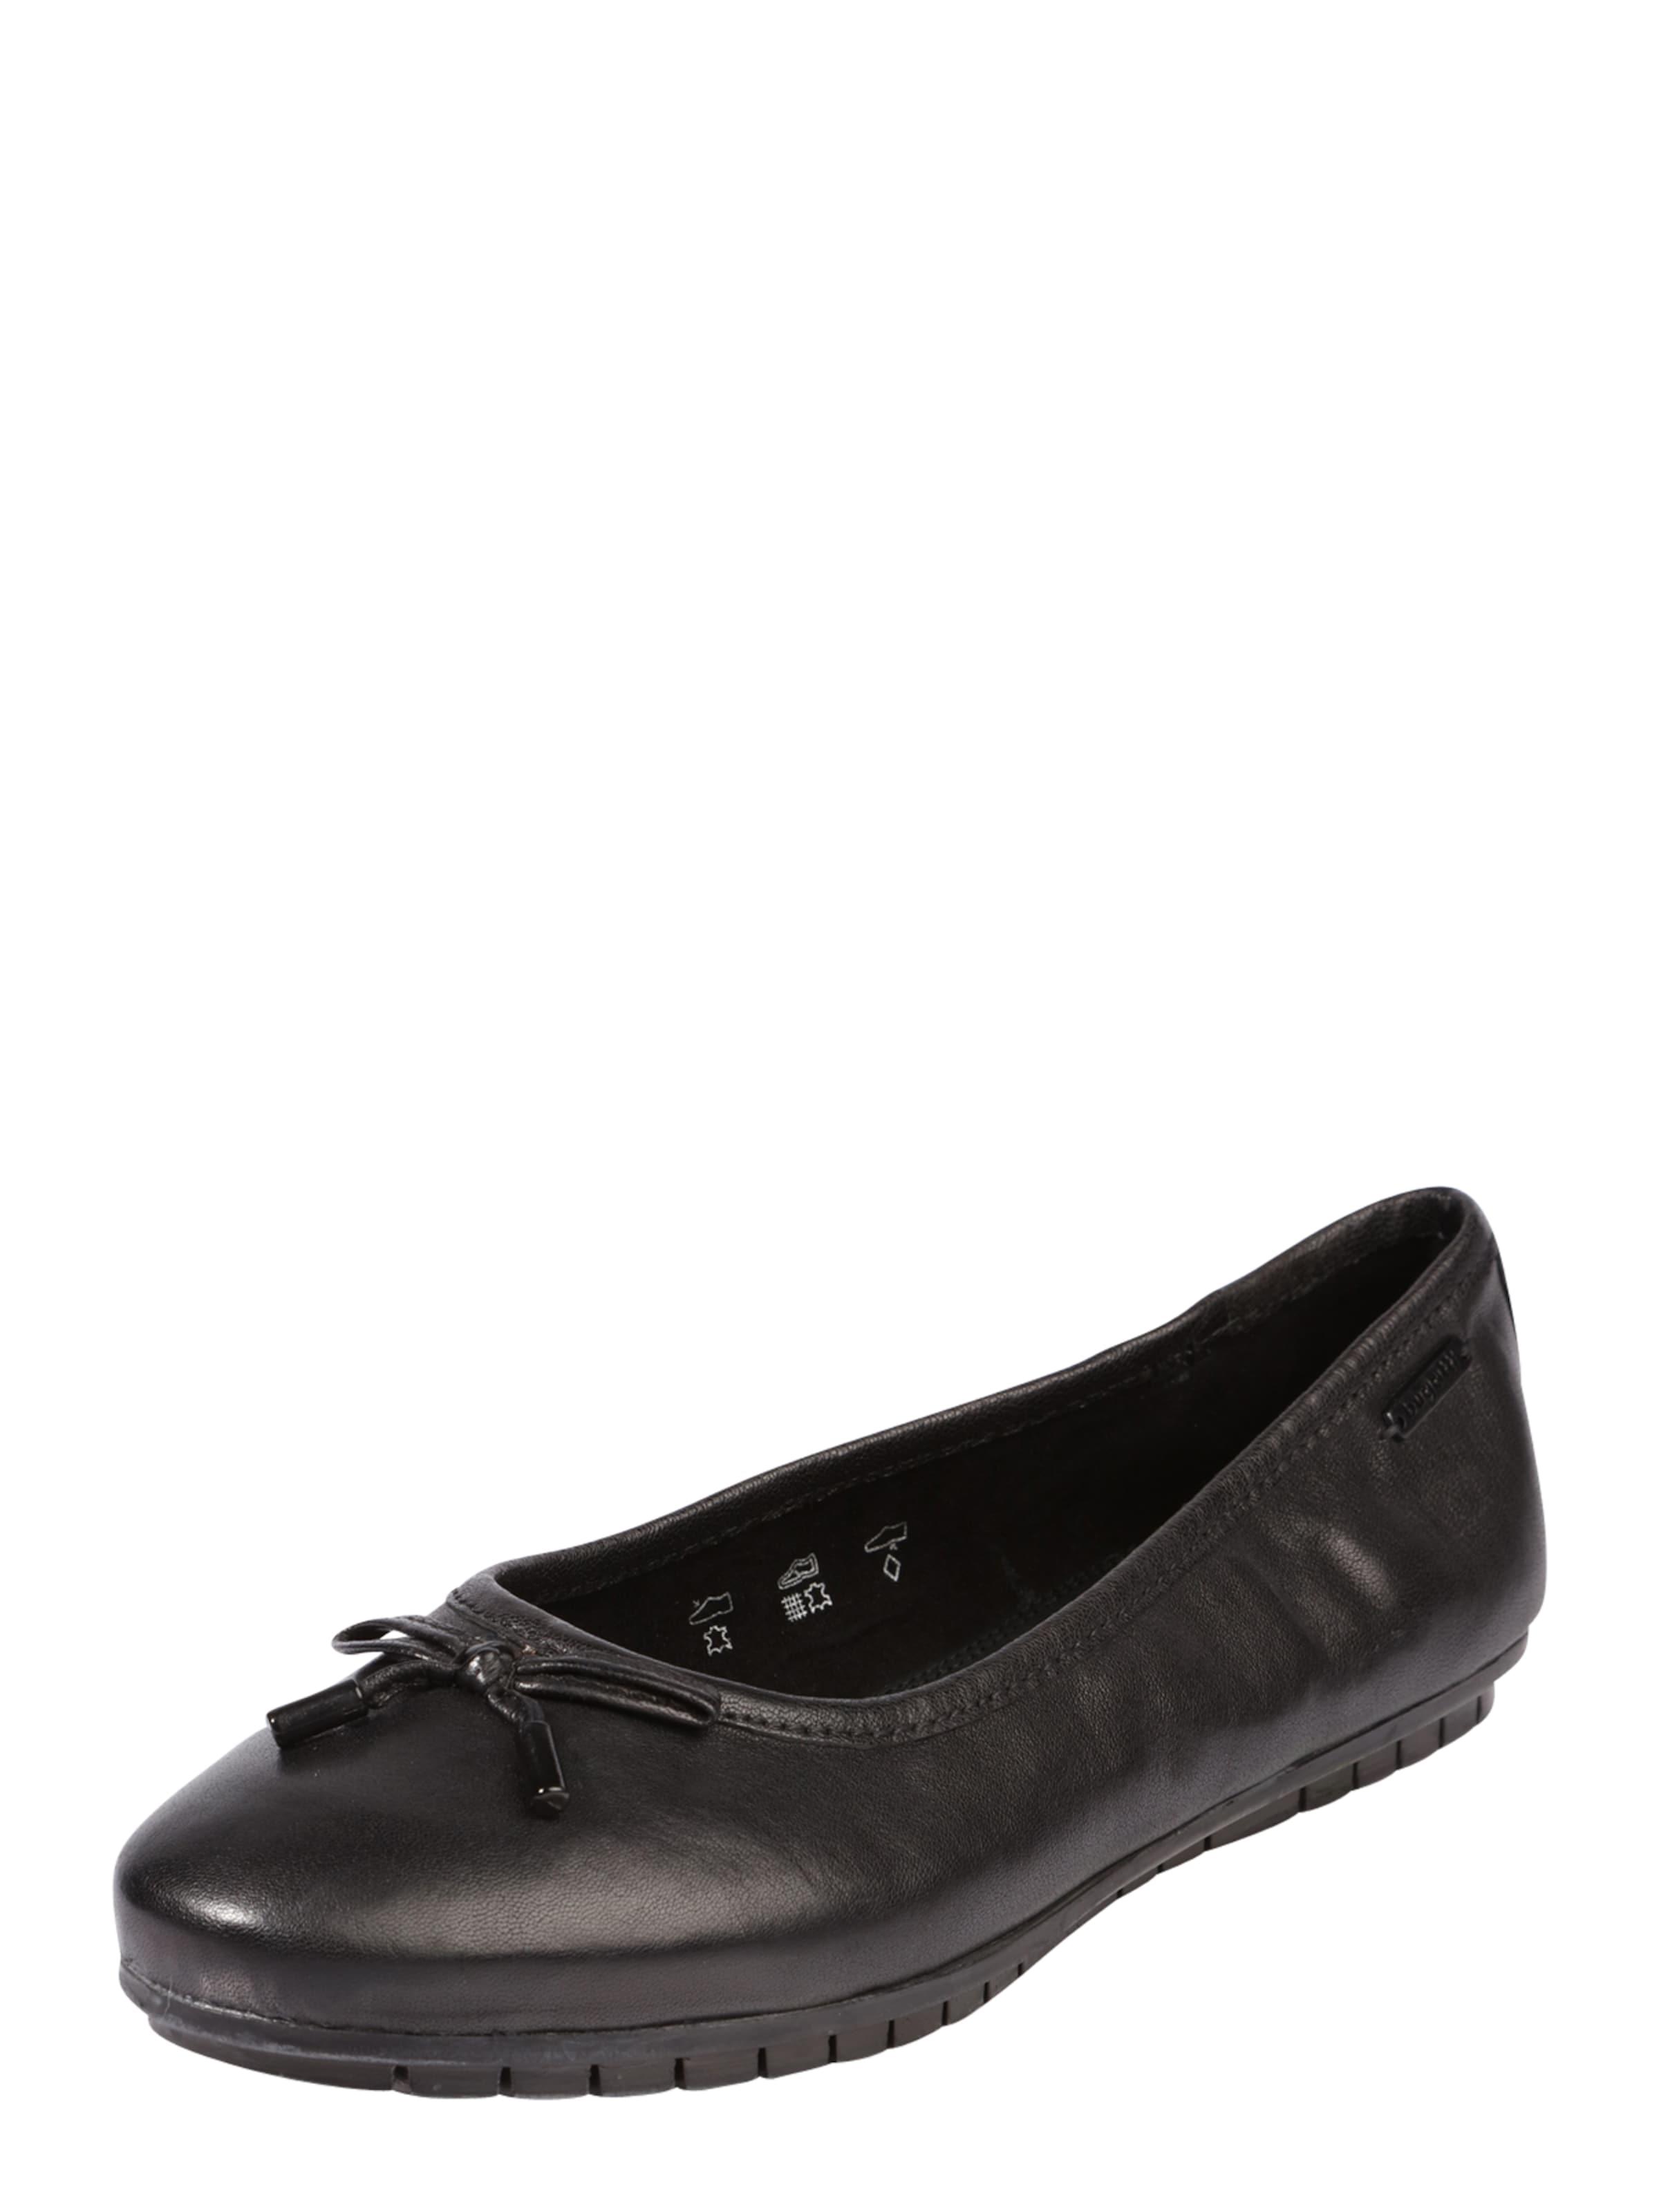 bugatti Ballerina mit Zierschleife Verschleißfeste billige Schuhe